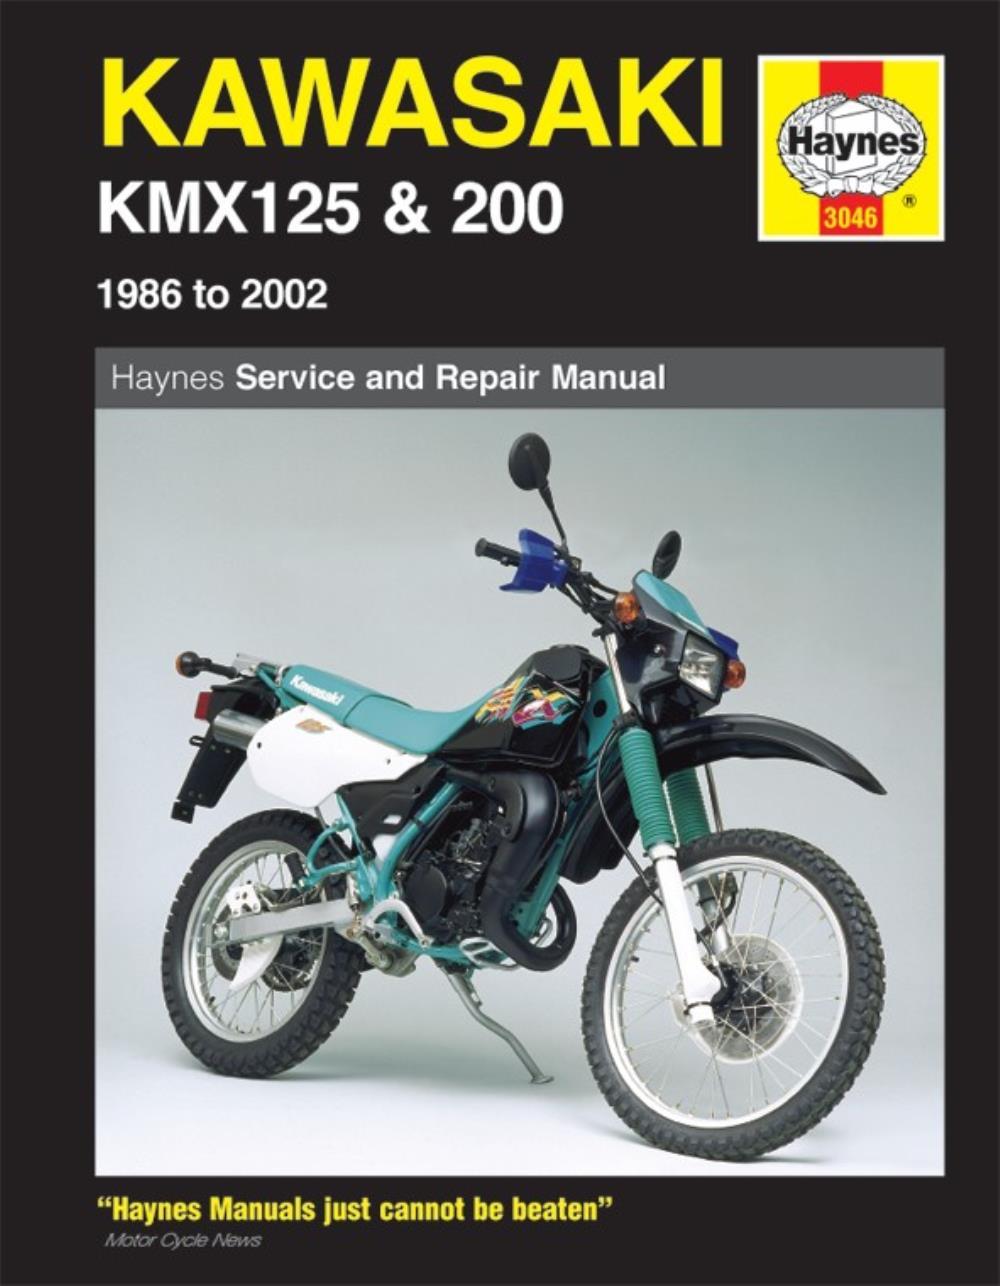 Manual Haynes for 1994 Kawasaki KMX 125 A7